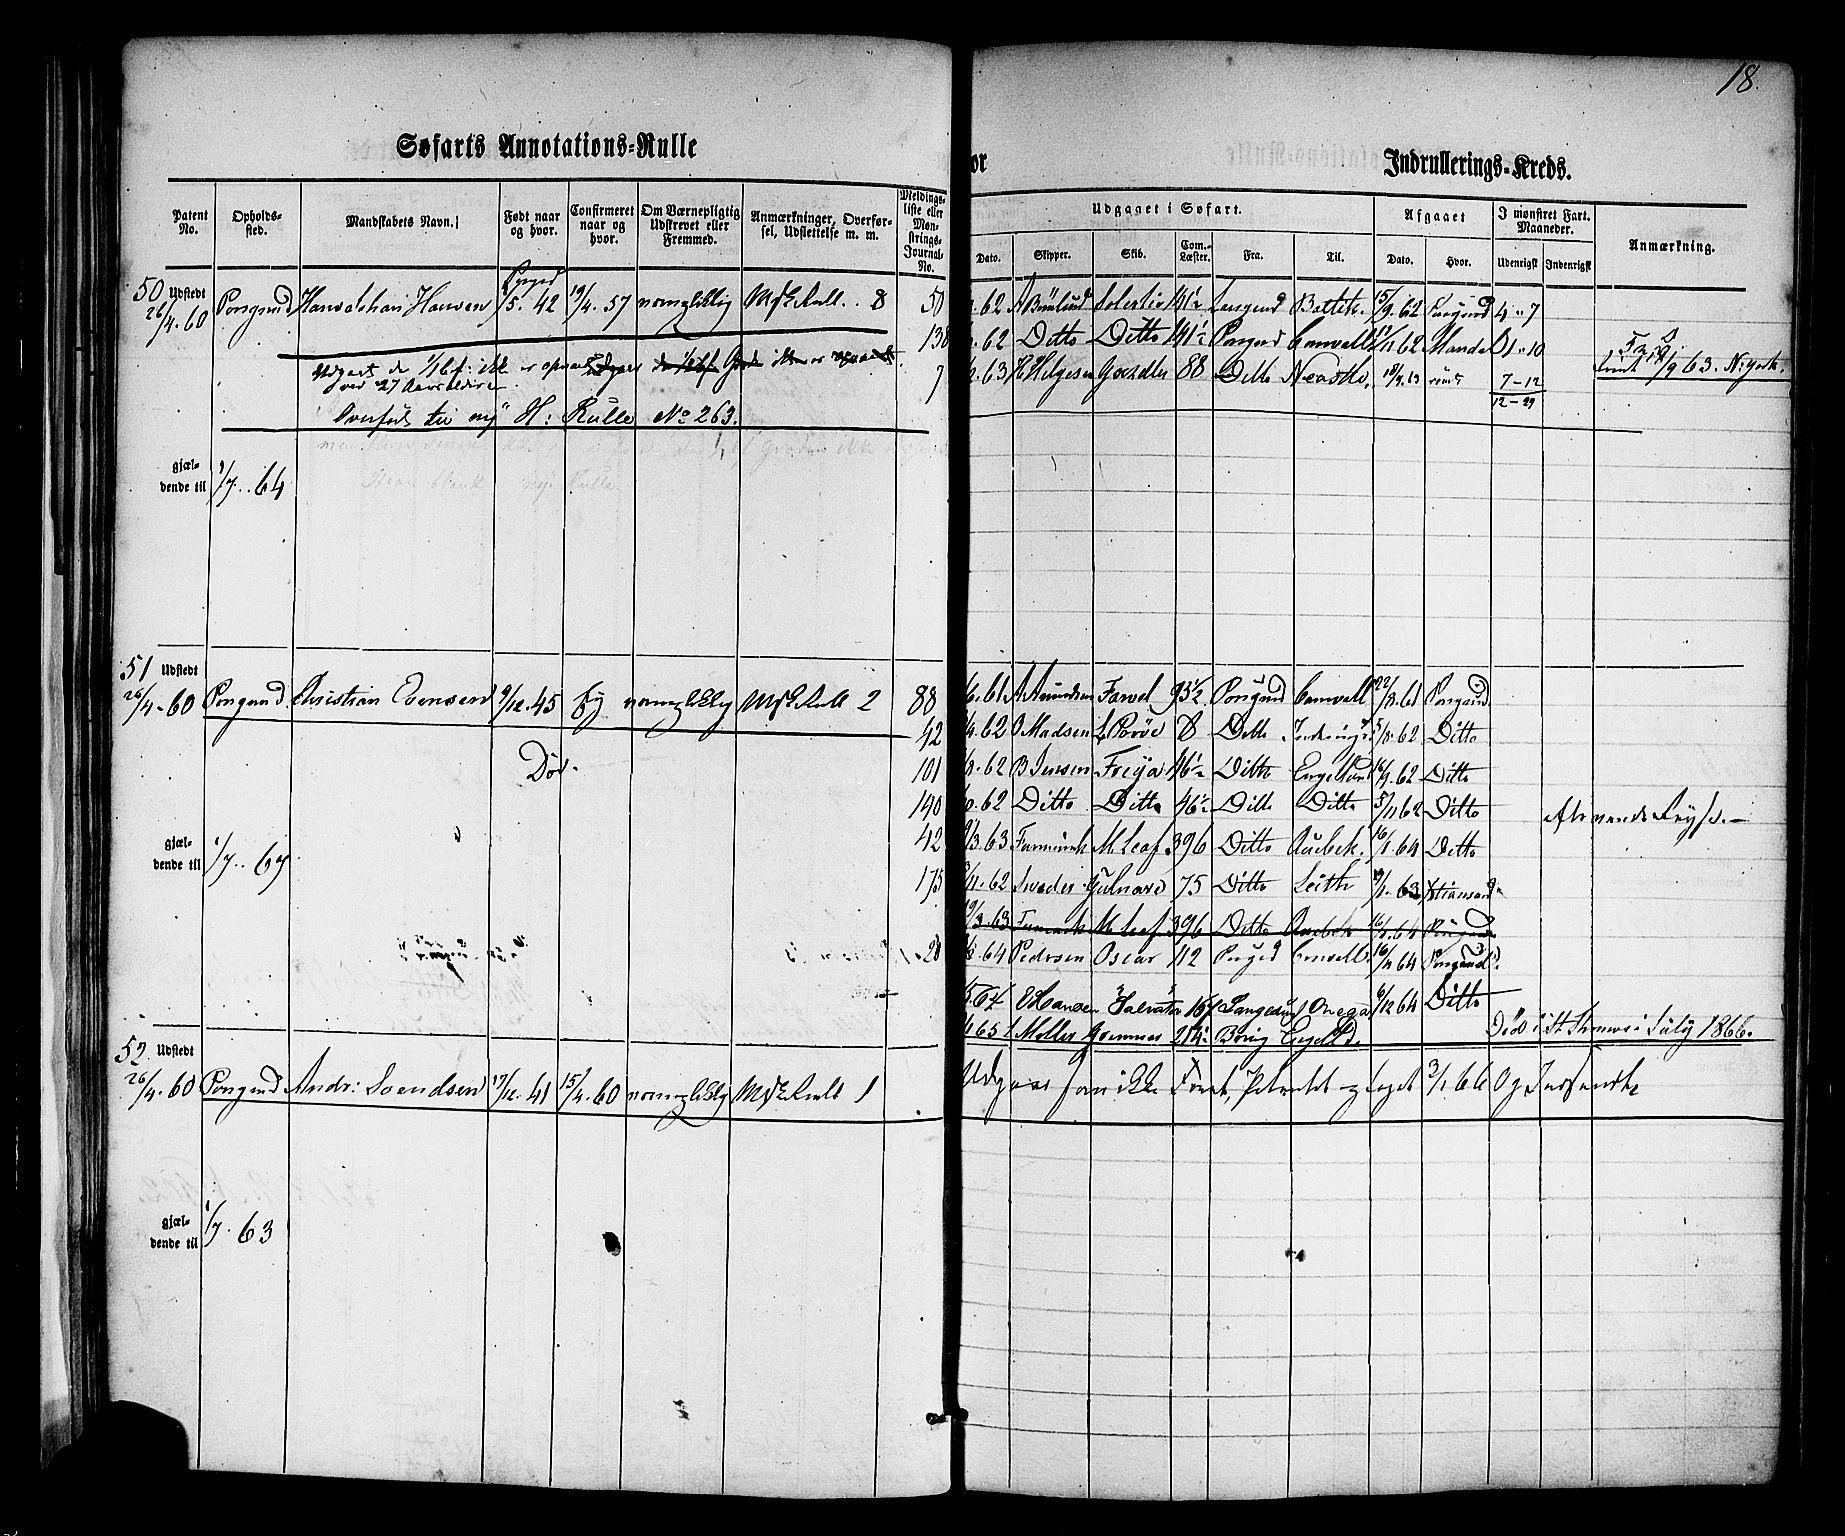 SAKO, Porsgrunn innrulleringskontor, F/Fb/L0001: Annotasjonsrulle, 1860-1868, s. 46